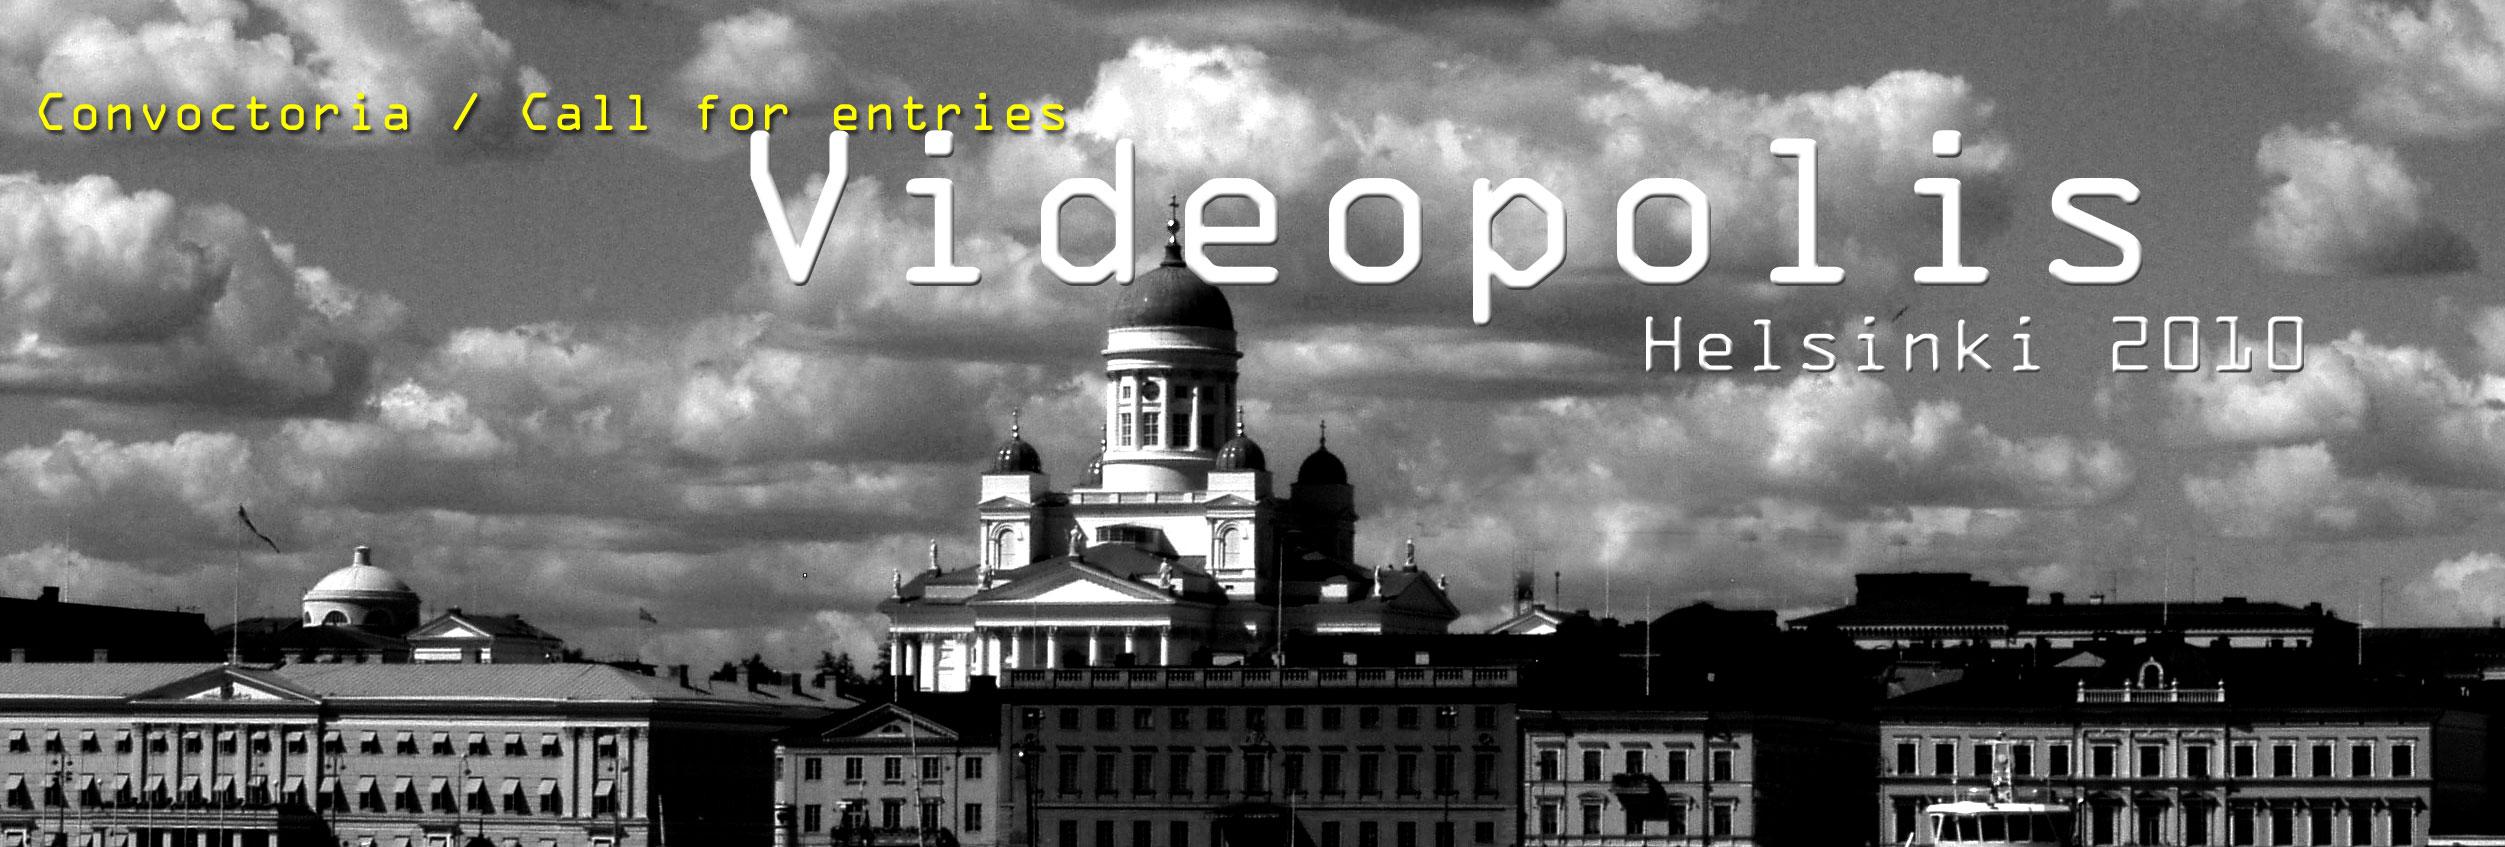 Videopolis 2010 strats in helsinki, finland